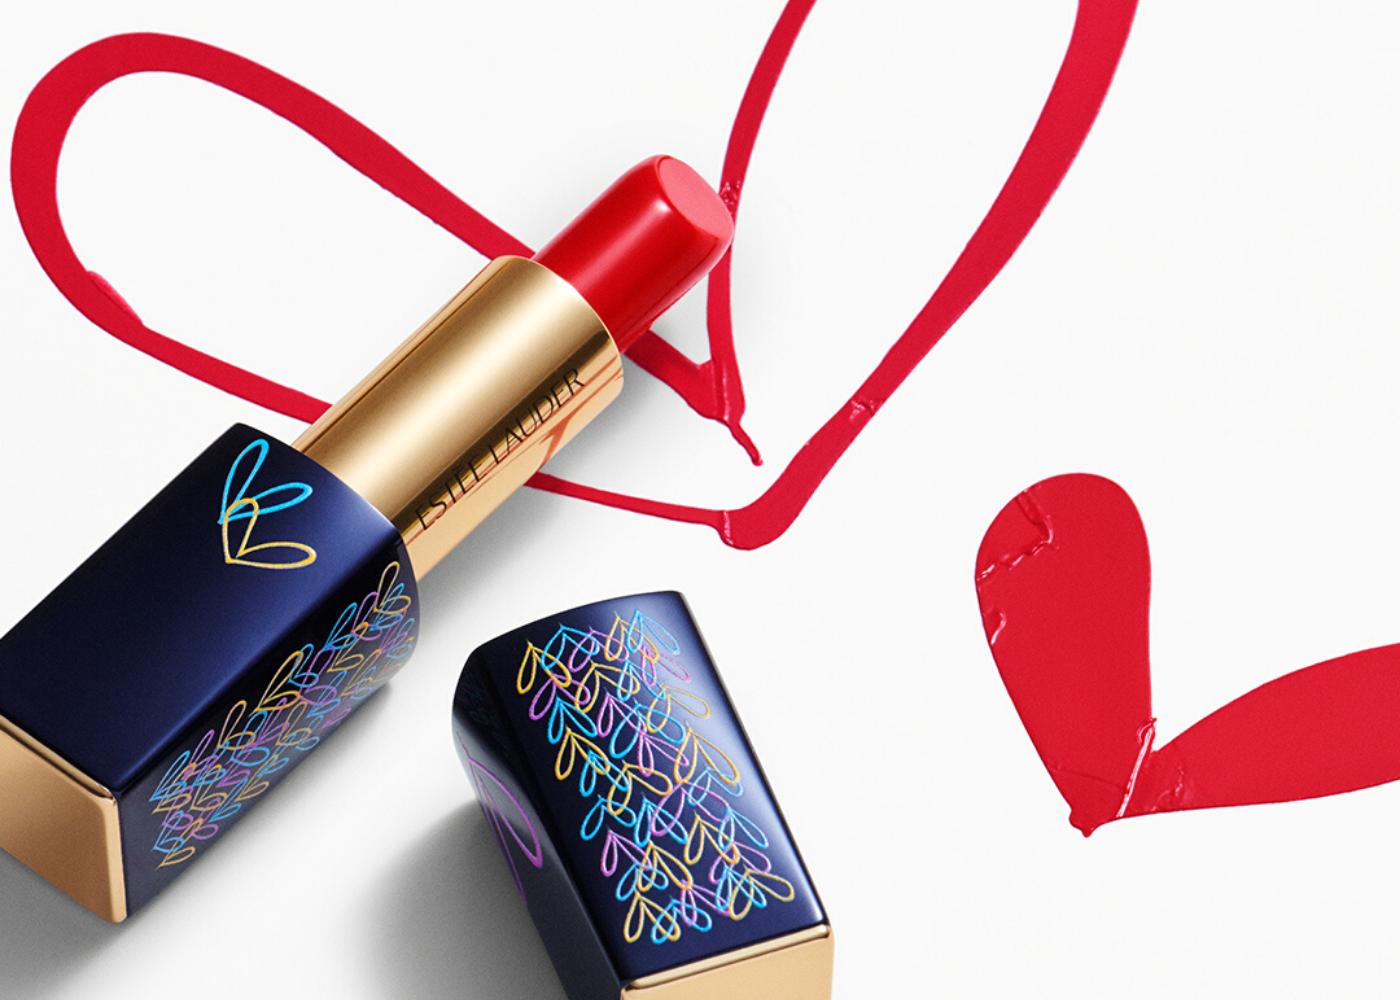 Estee Lauder | Valentine's Day gifts